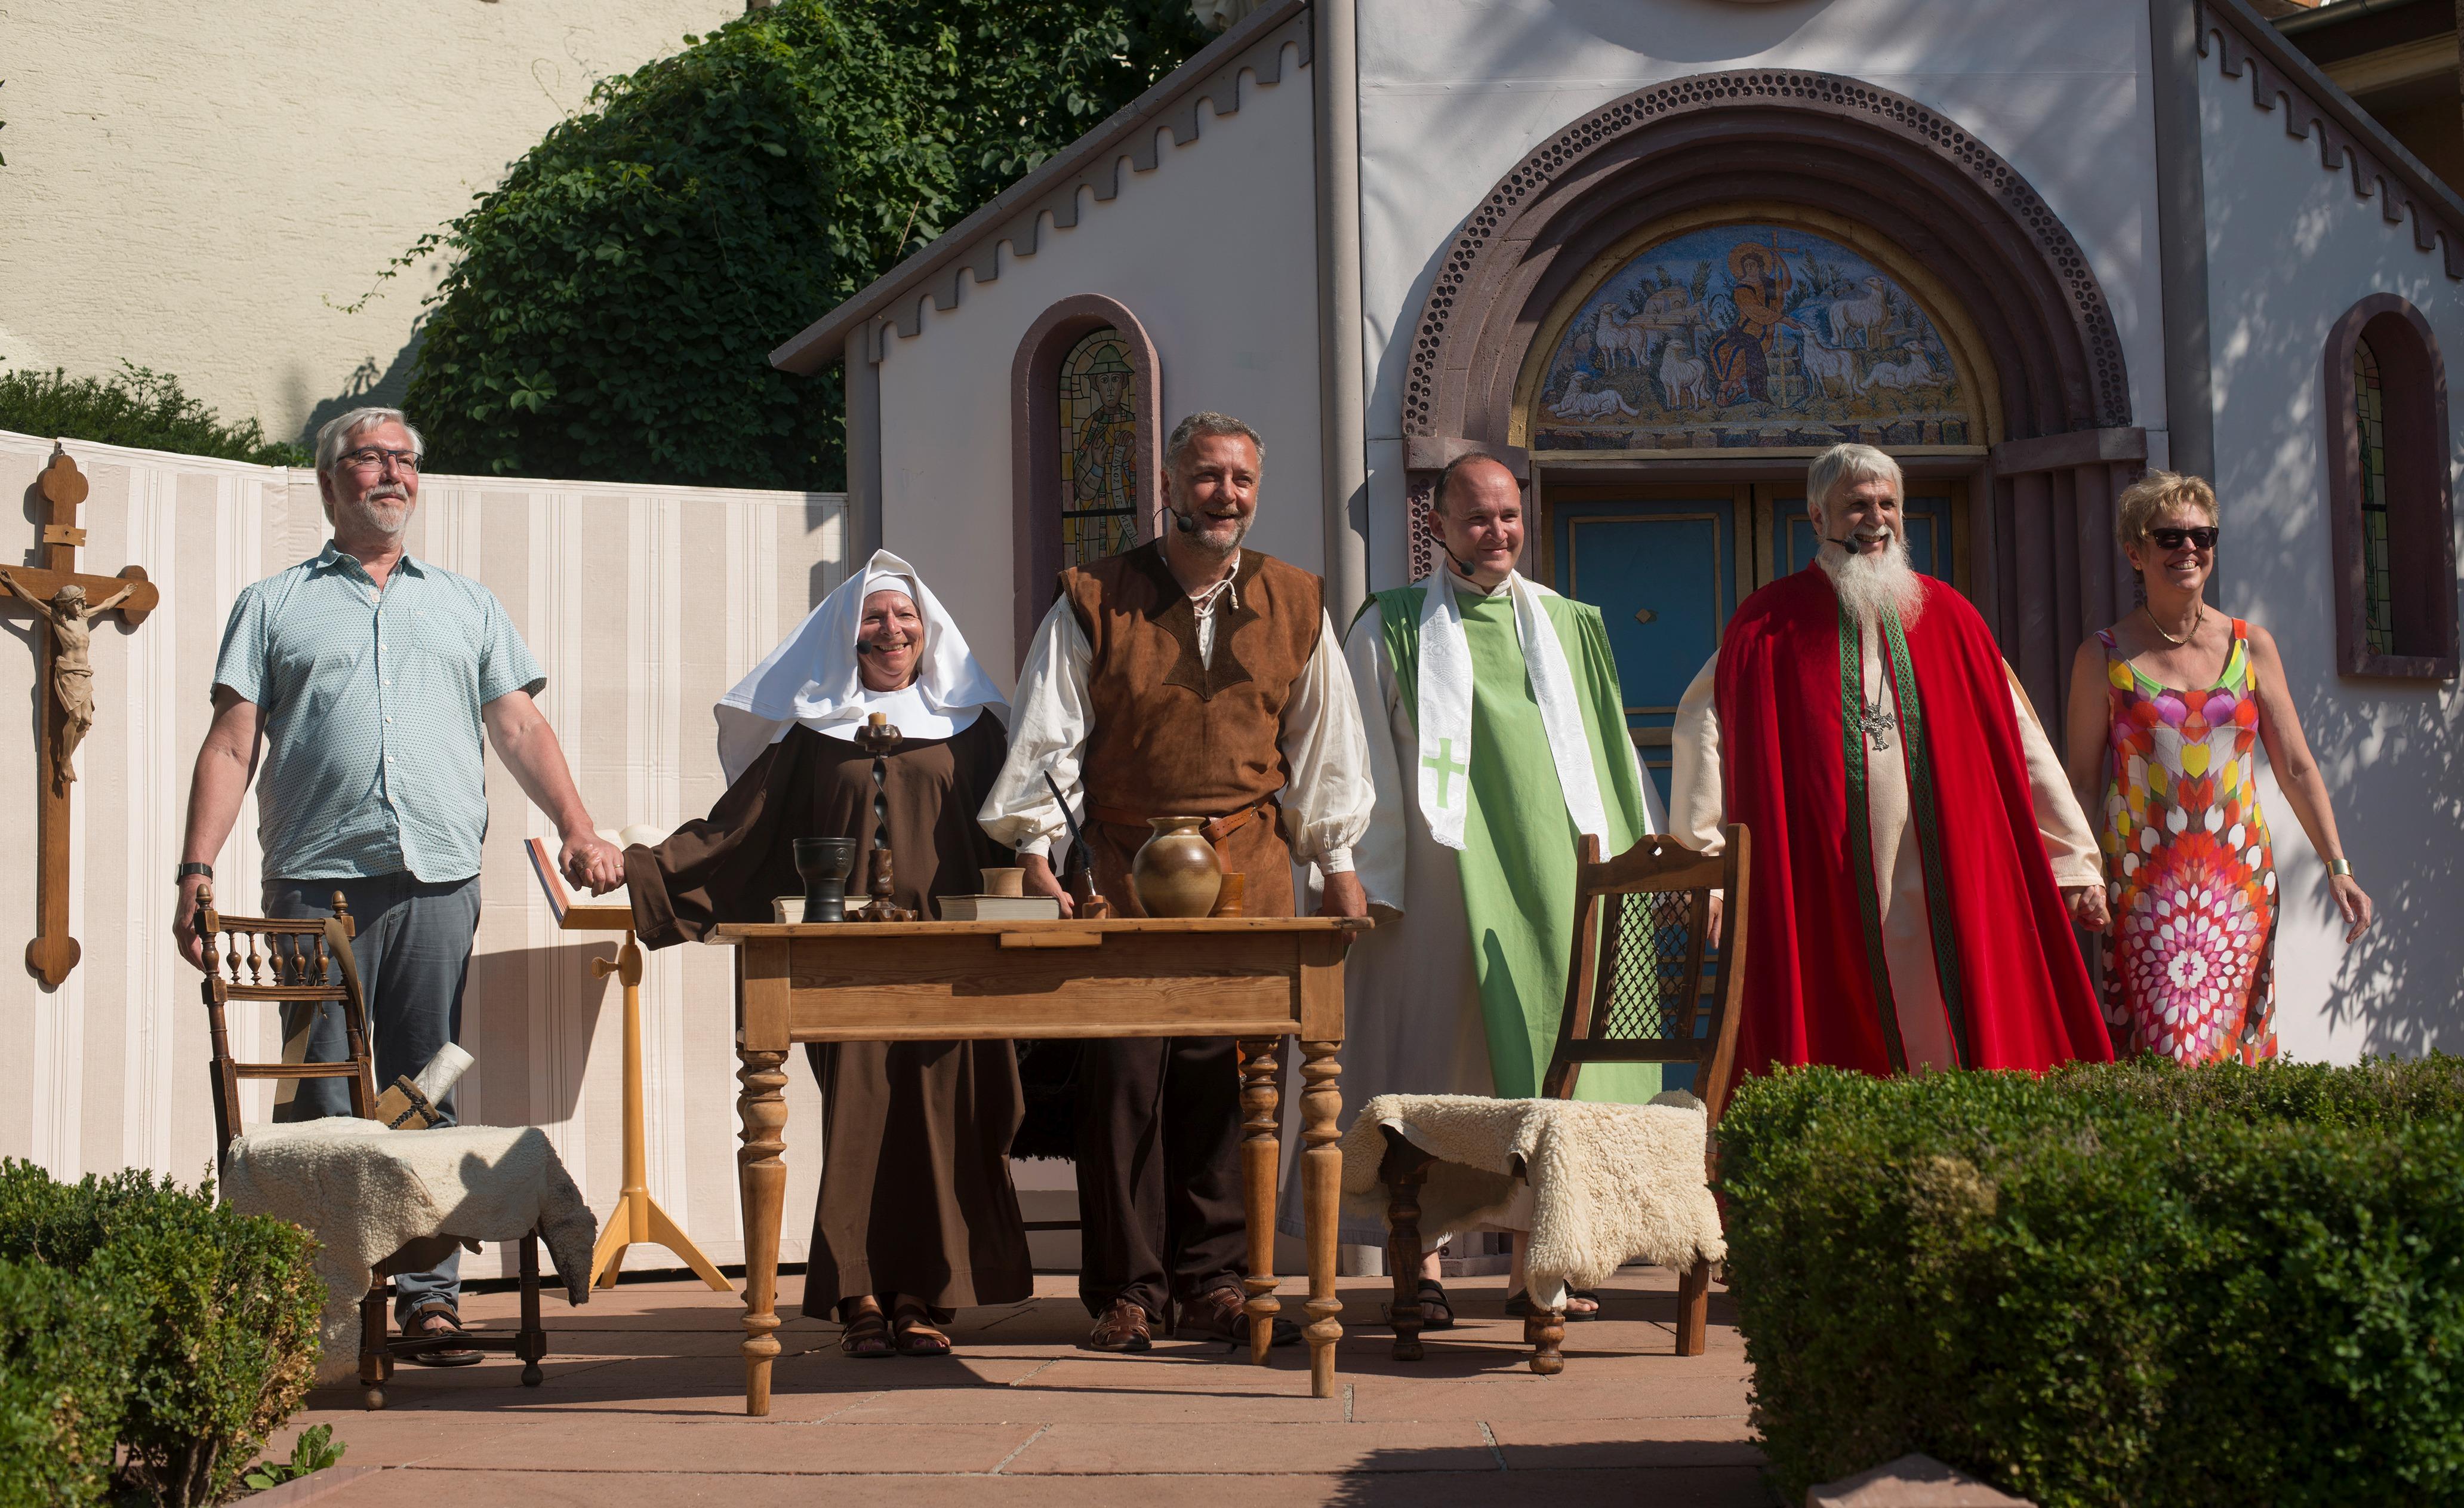 """Aufführung des Szenenspiels """"Erste urkundliche Erwähnung von Hetenesheim"""" beim """"Dorffeschd"""" im Juli. Foto: Martin Kemmet"""